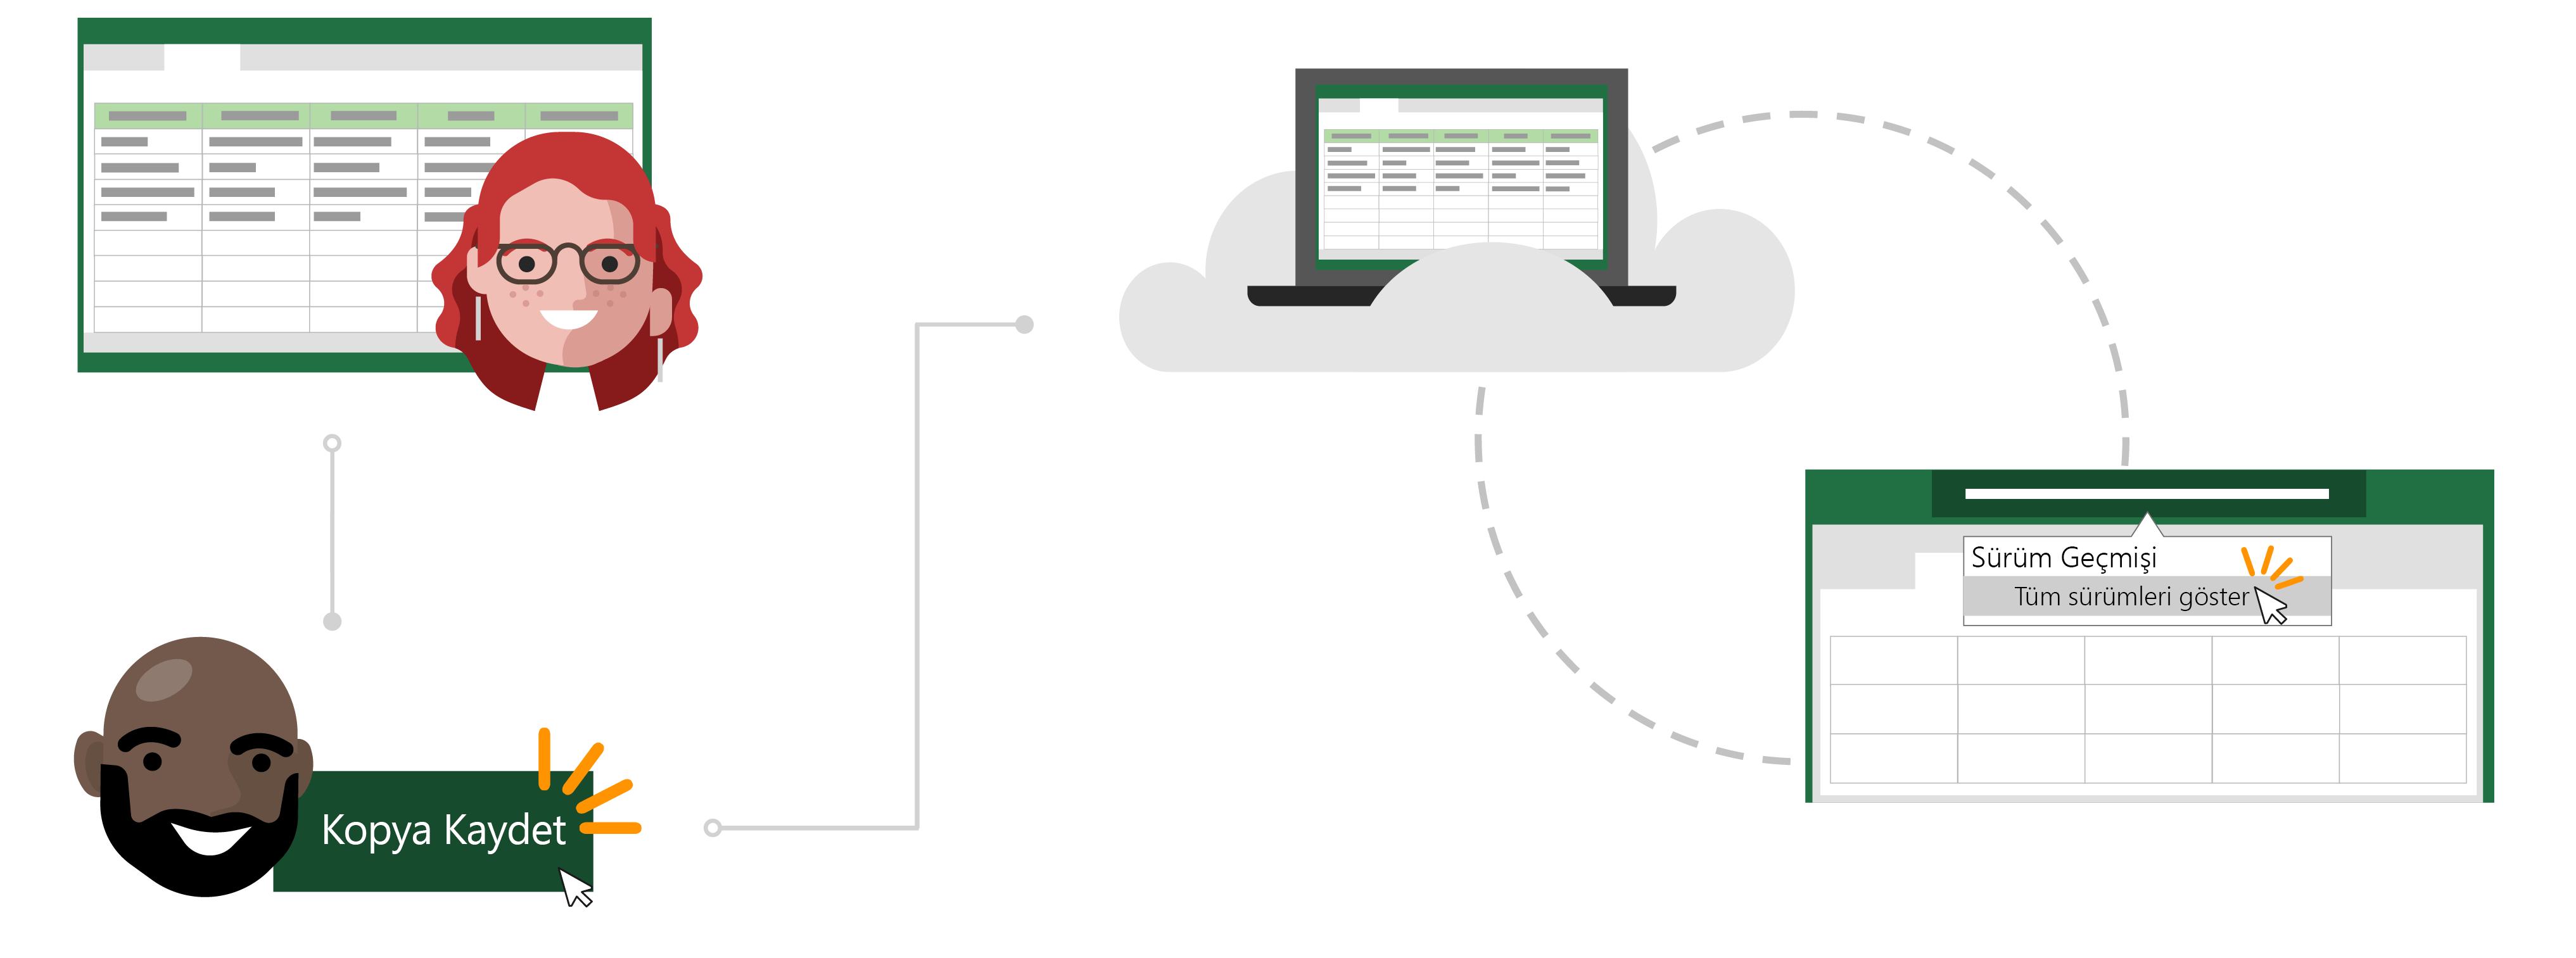 Kopya kaydet 'i kullanarak bulutta varolan bir dosyayı yeni bir dosya için şablon olarak kullanın.